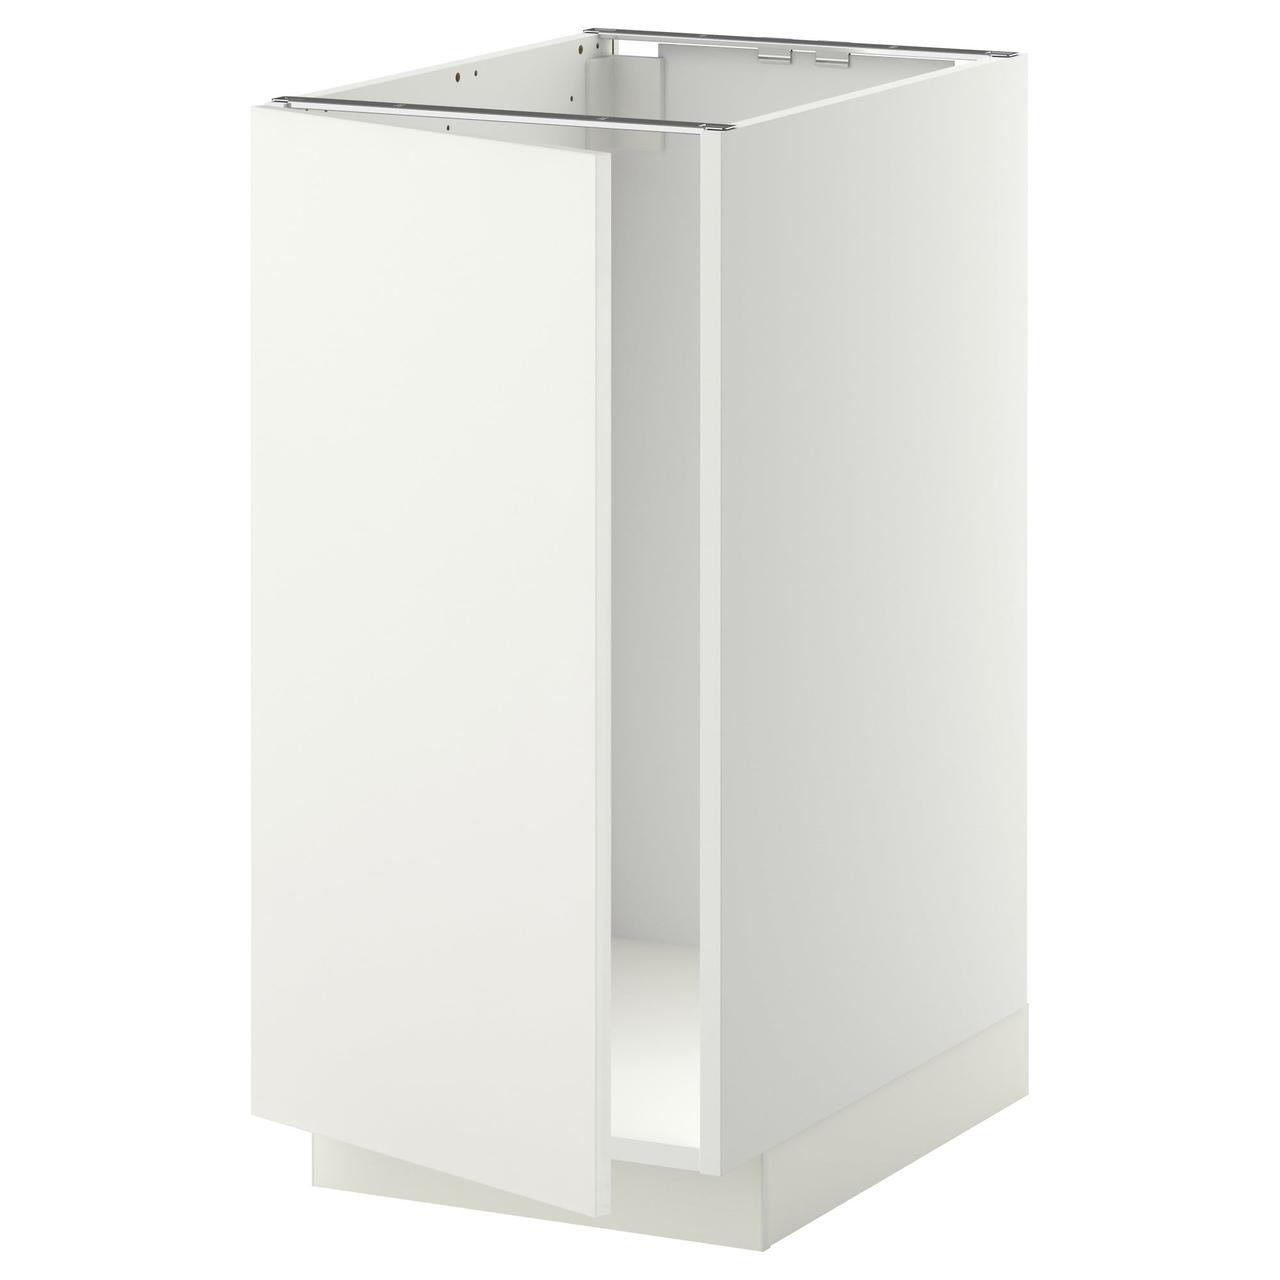 IKEA METOD ( 590.262.20)